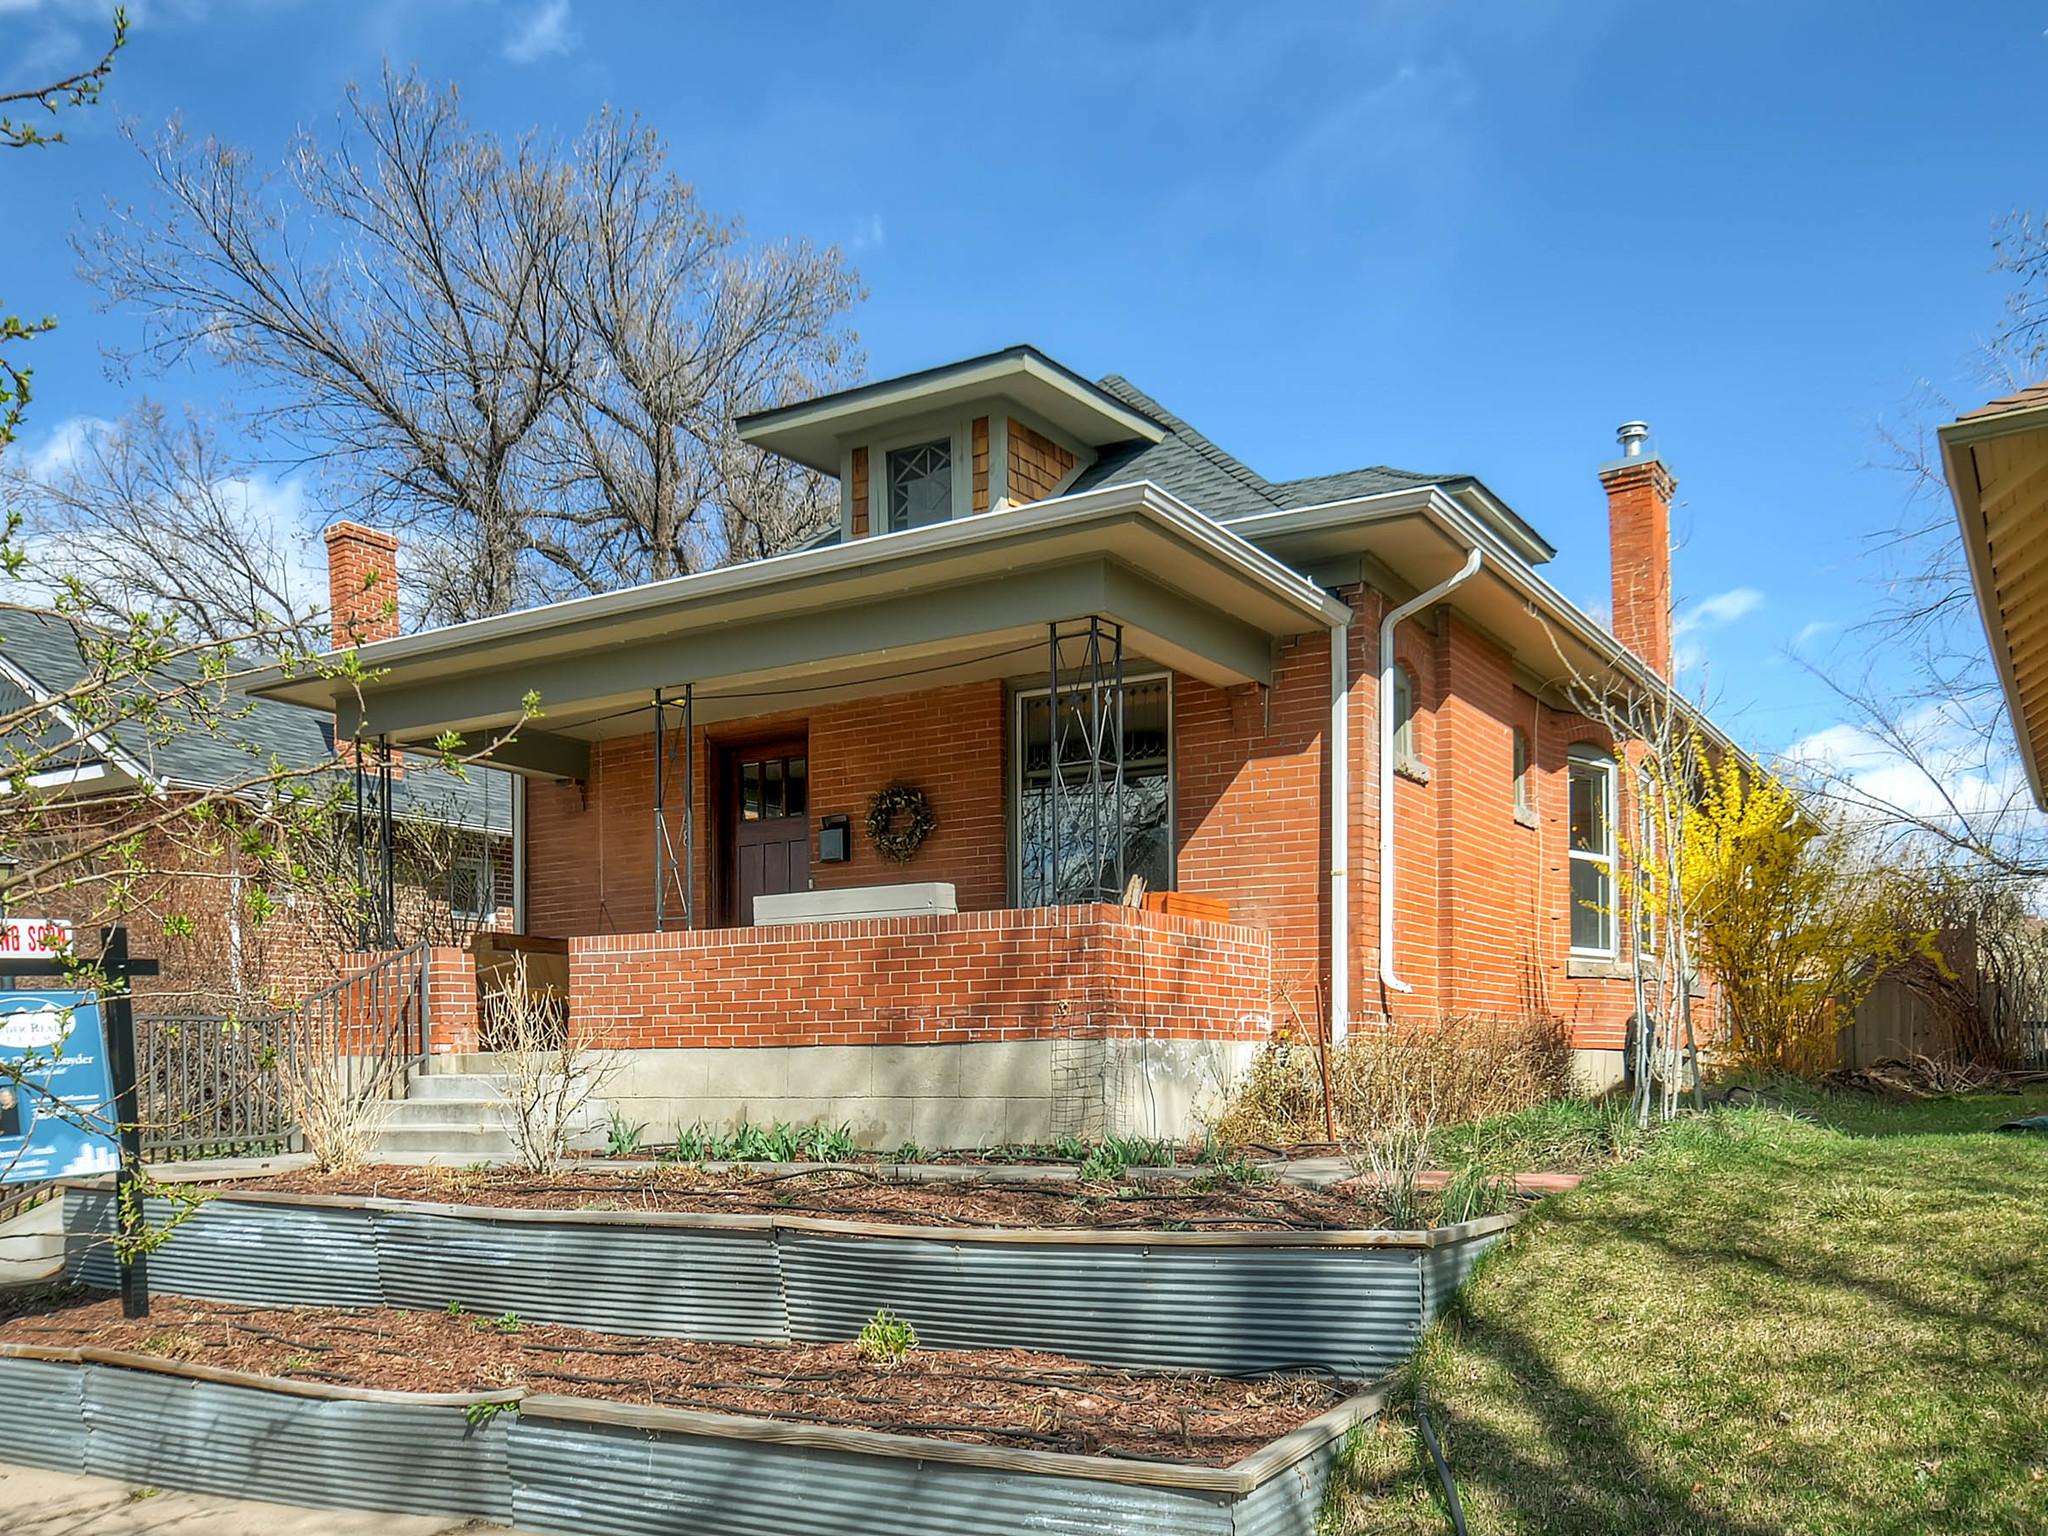 Platt Park Homes For Sale